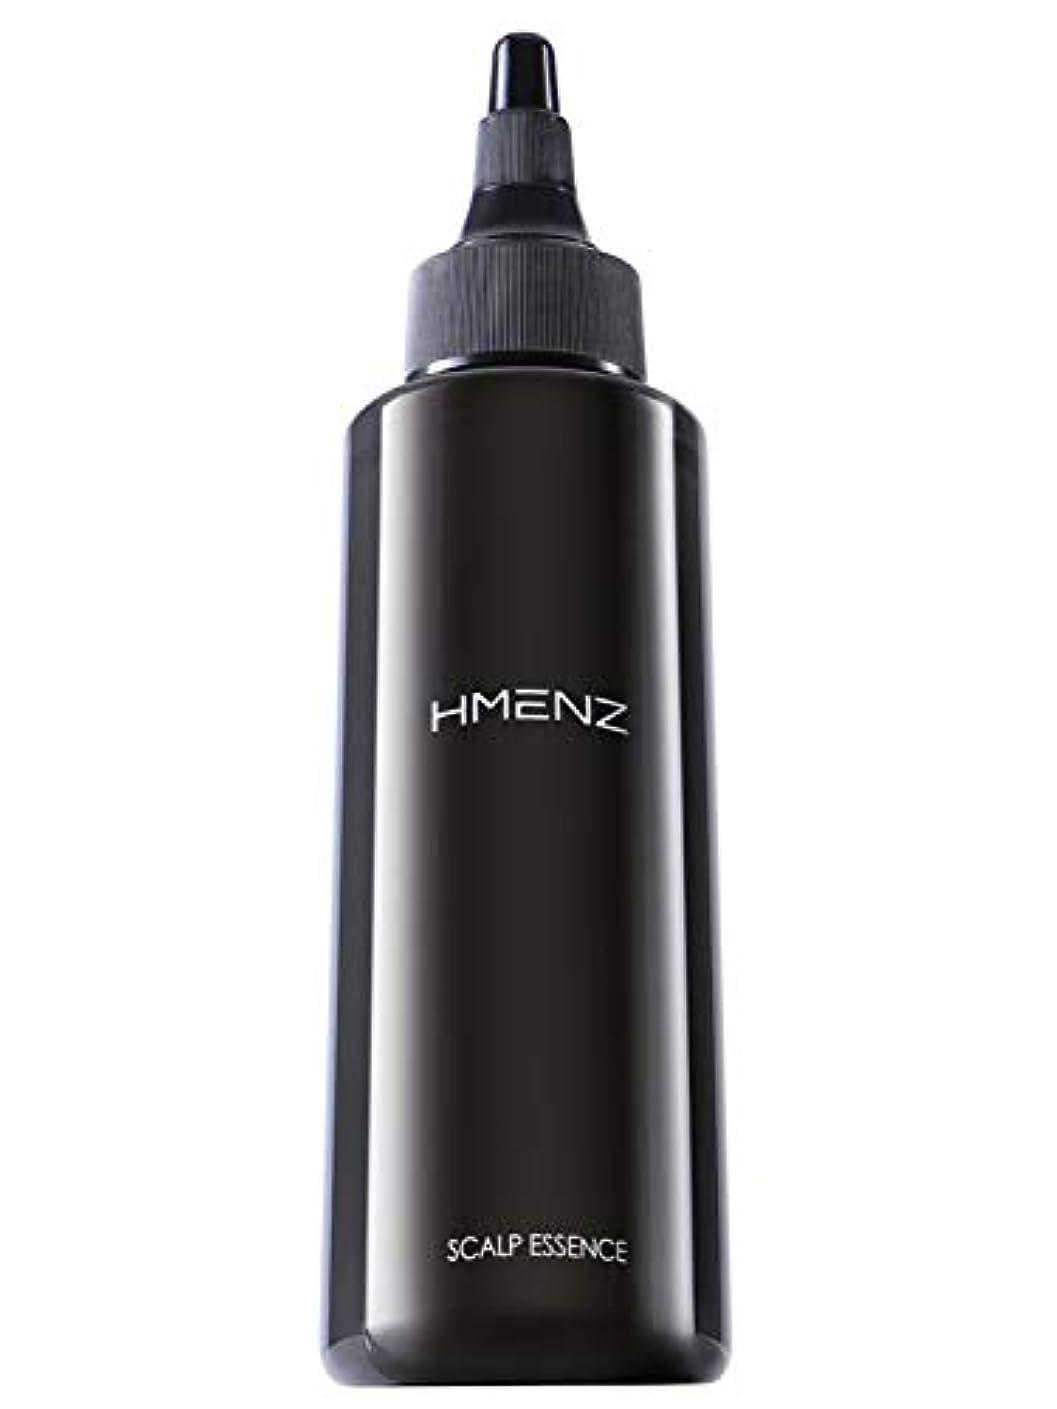 次著者不幸医薬部外品 HMENZ メンズ 育毛剤 スカルプエッセンス 毛髪エイジングケアシリーズ 和漢根 海藻配合 育毛トニック 120ml